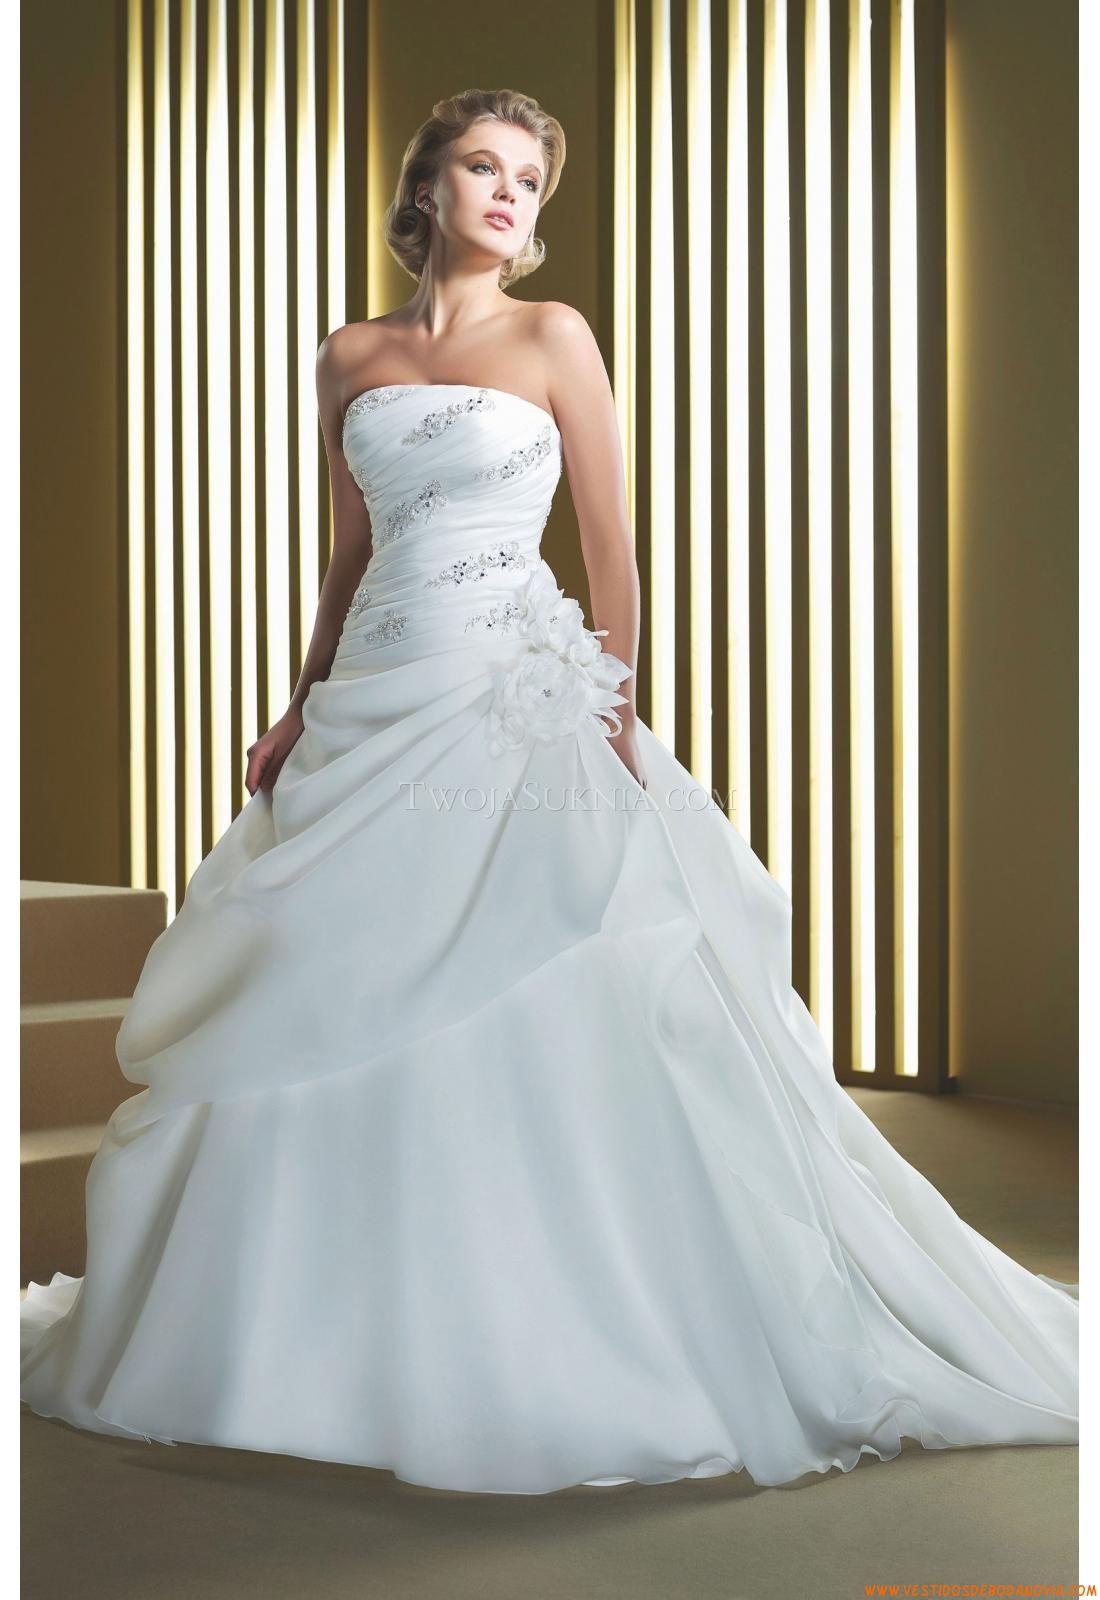 Vestido de novia Elianna Moore EL1188 2013   My Winter wonderland ...